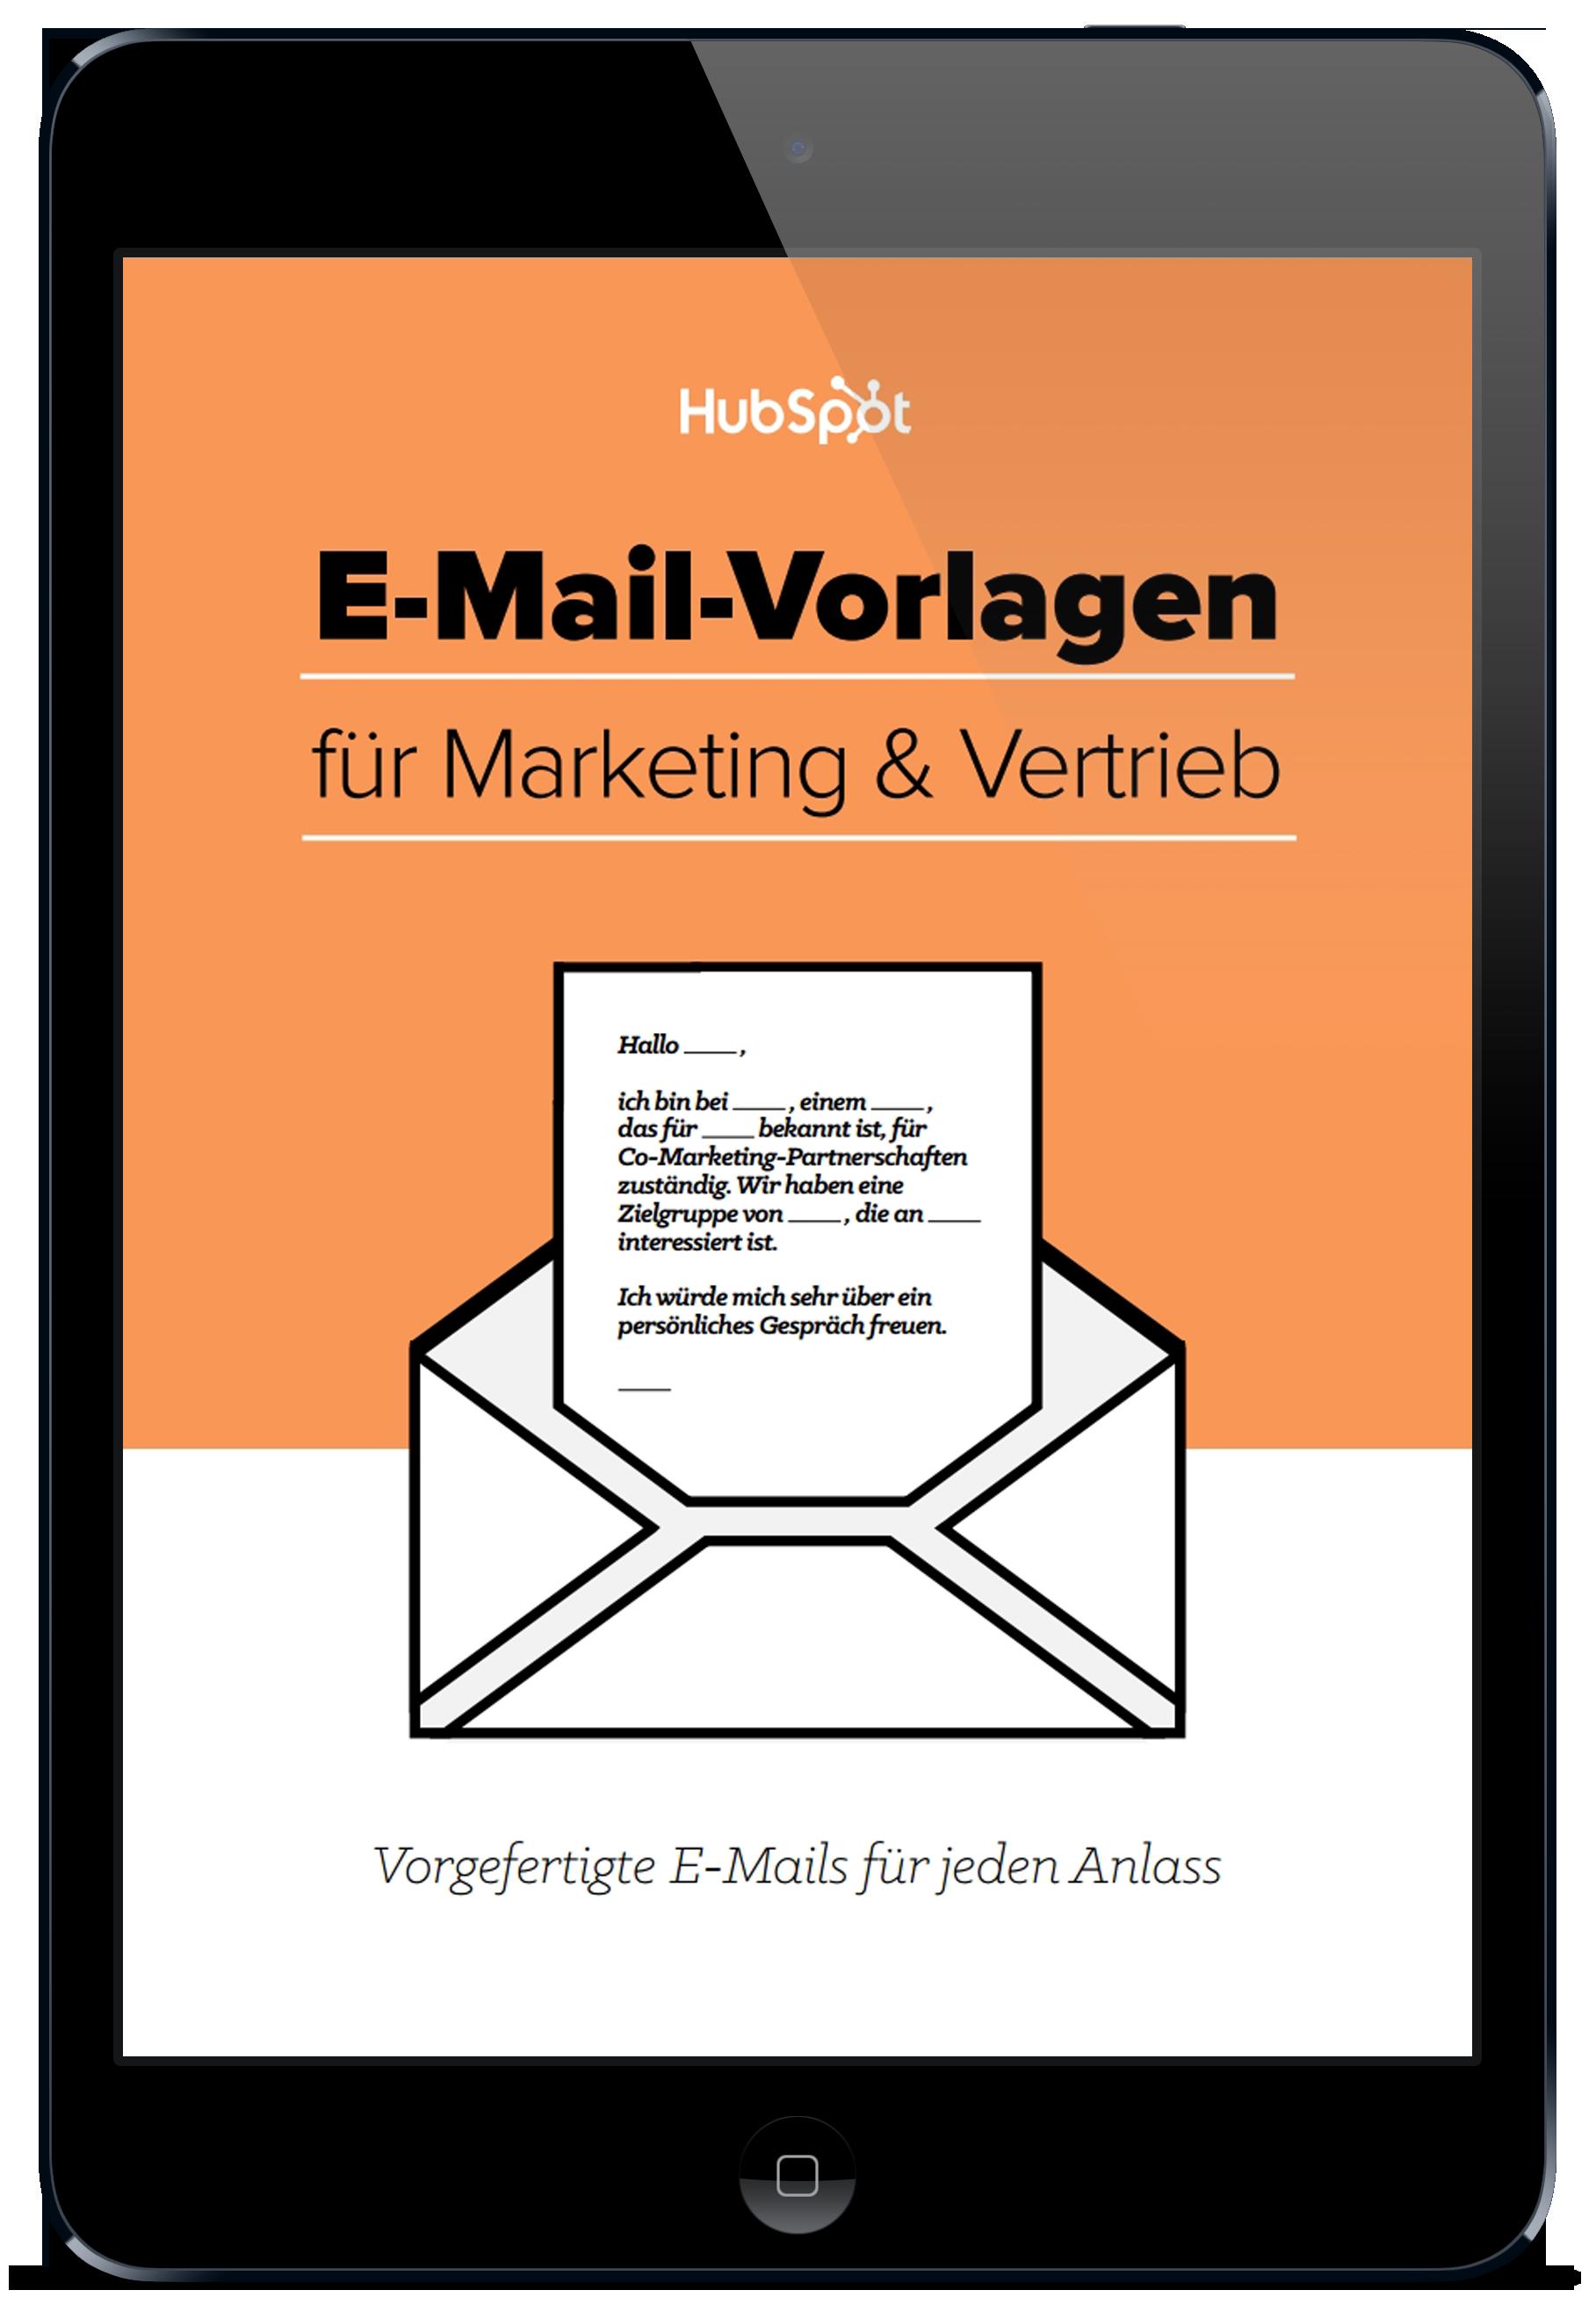 E-Mail-Vorlagen für Marketing und Vertrieb